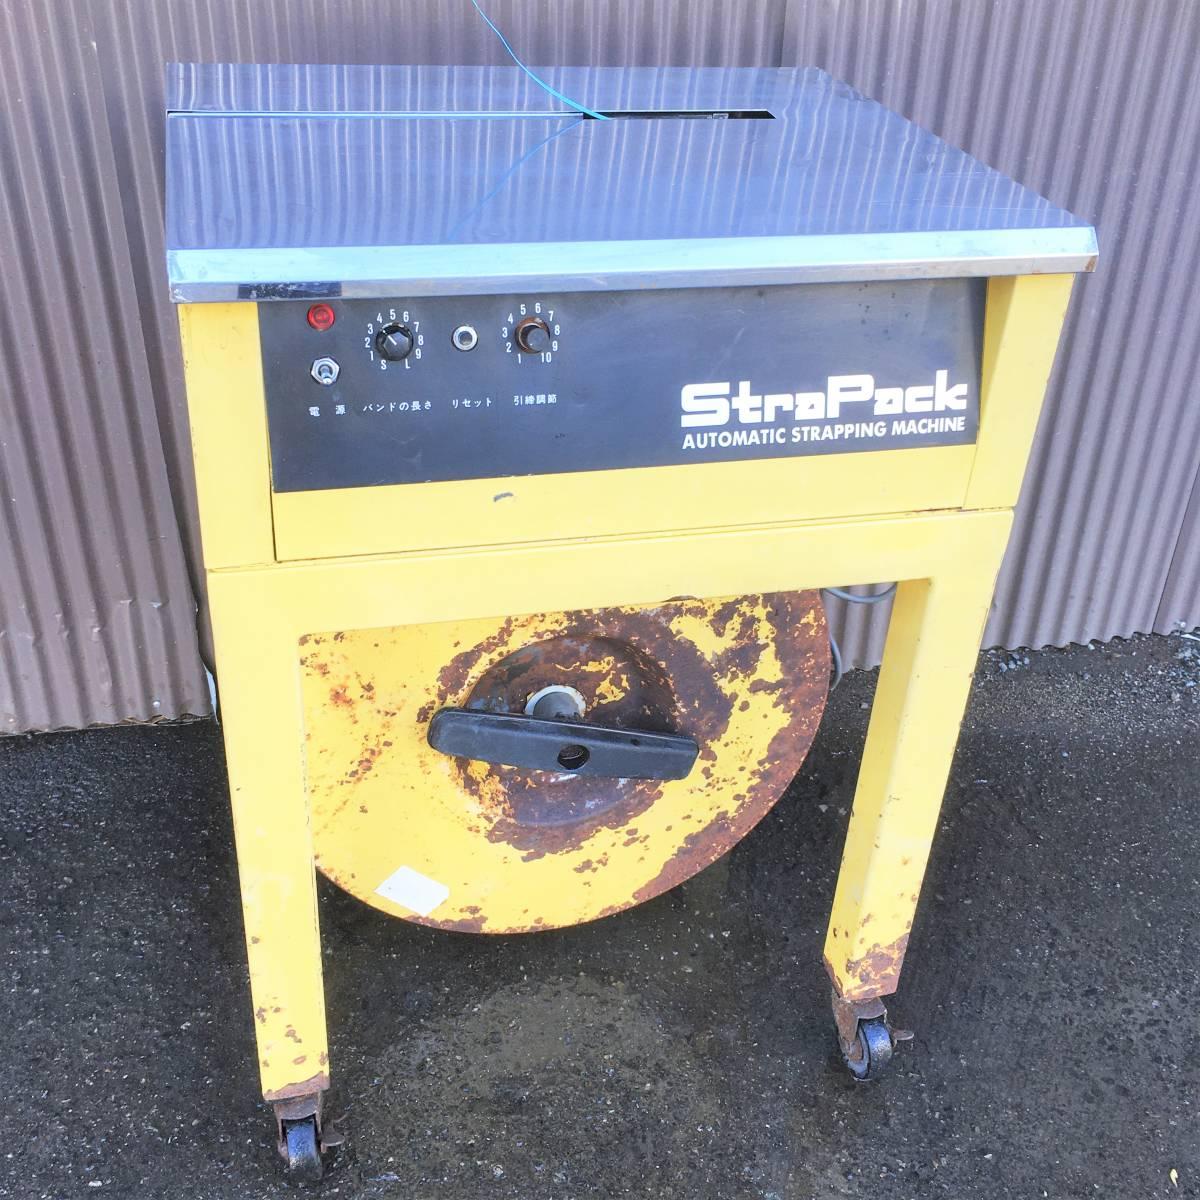 ストラパック/半自動梱包機/バンド結束機/S-662A/PPバンド付/キャスター付き可動式/梱包作業/StraPack/倉庫内_画像2